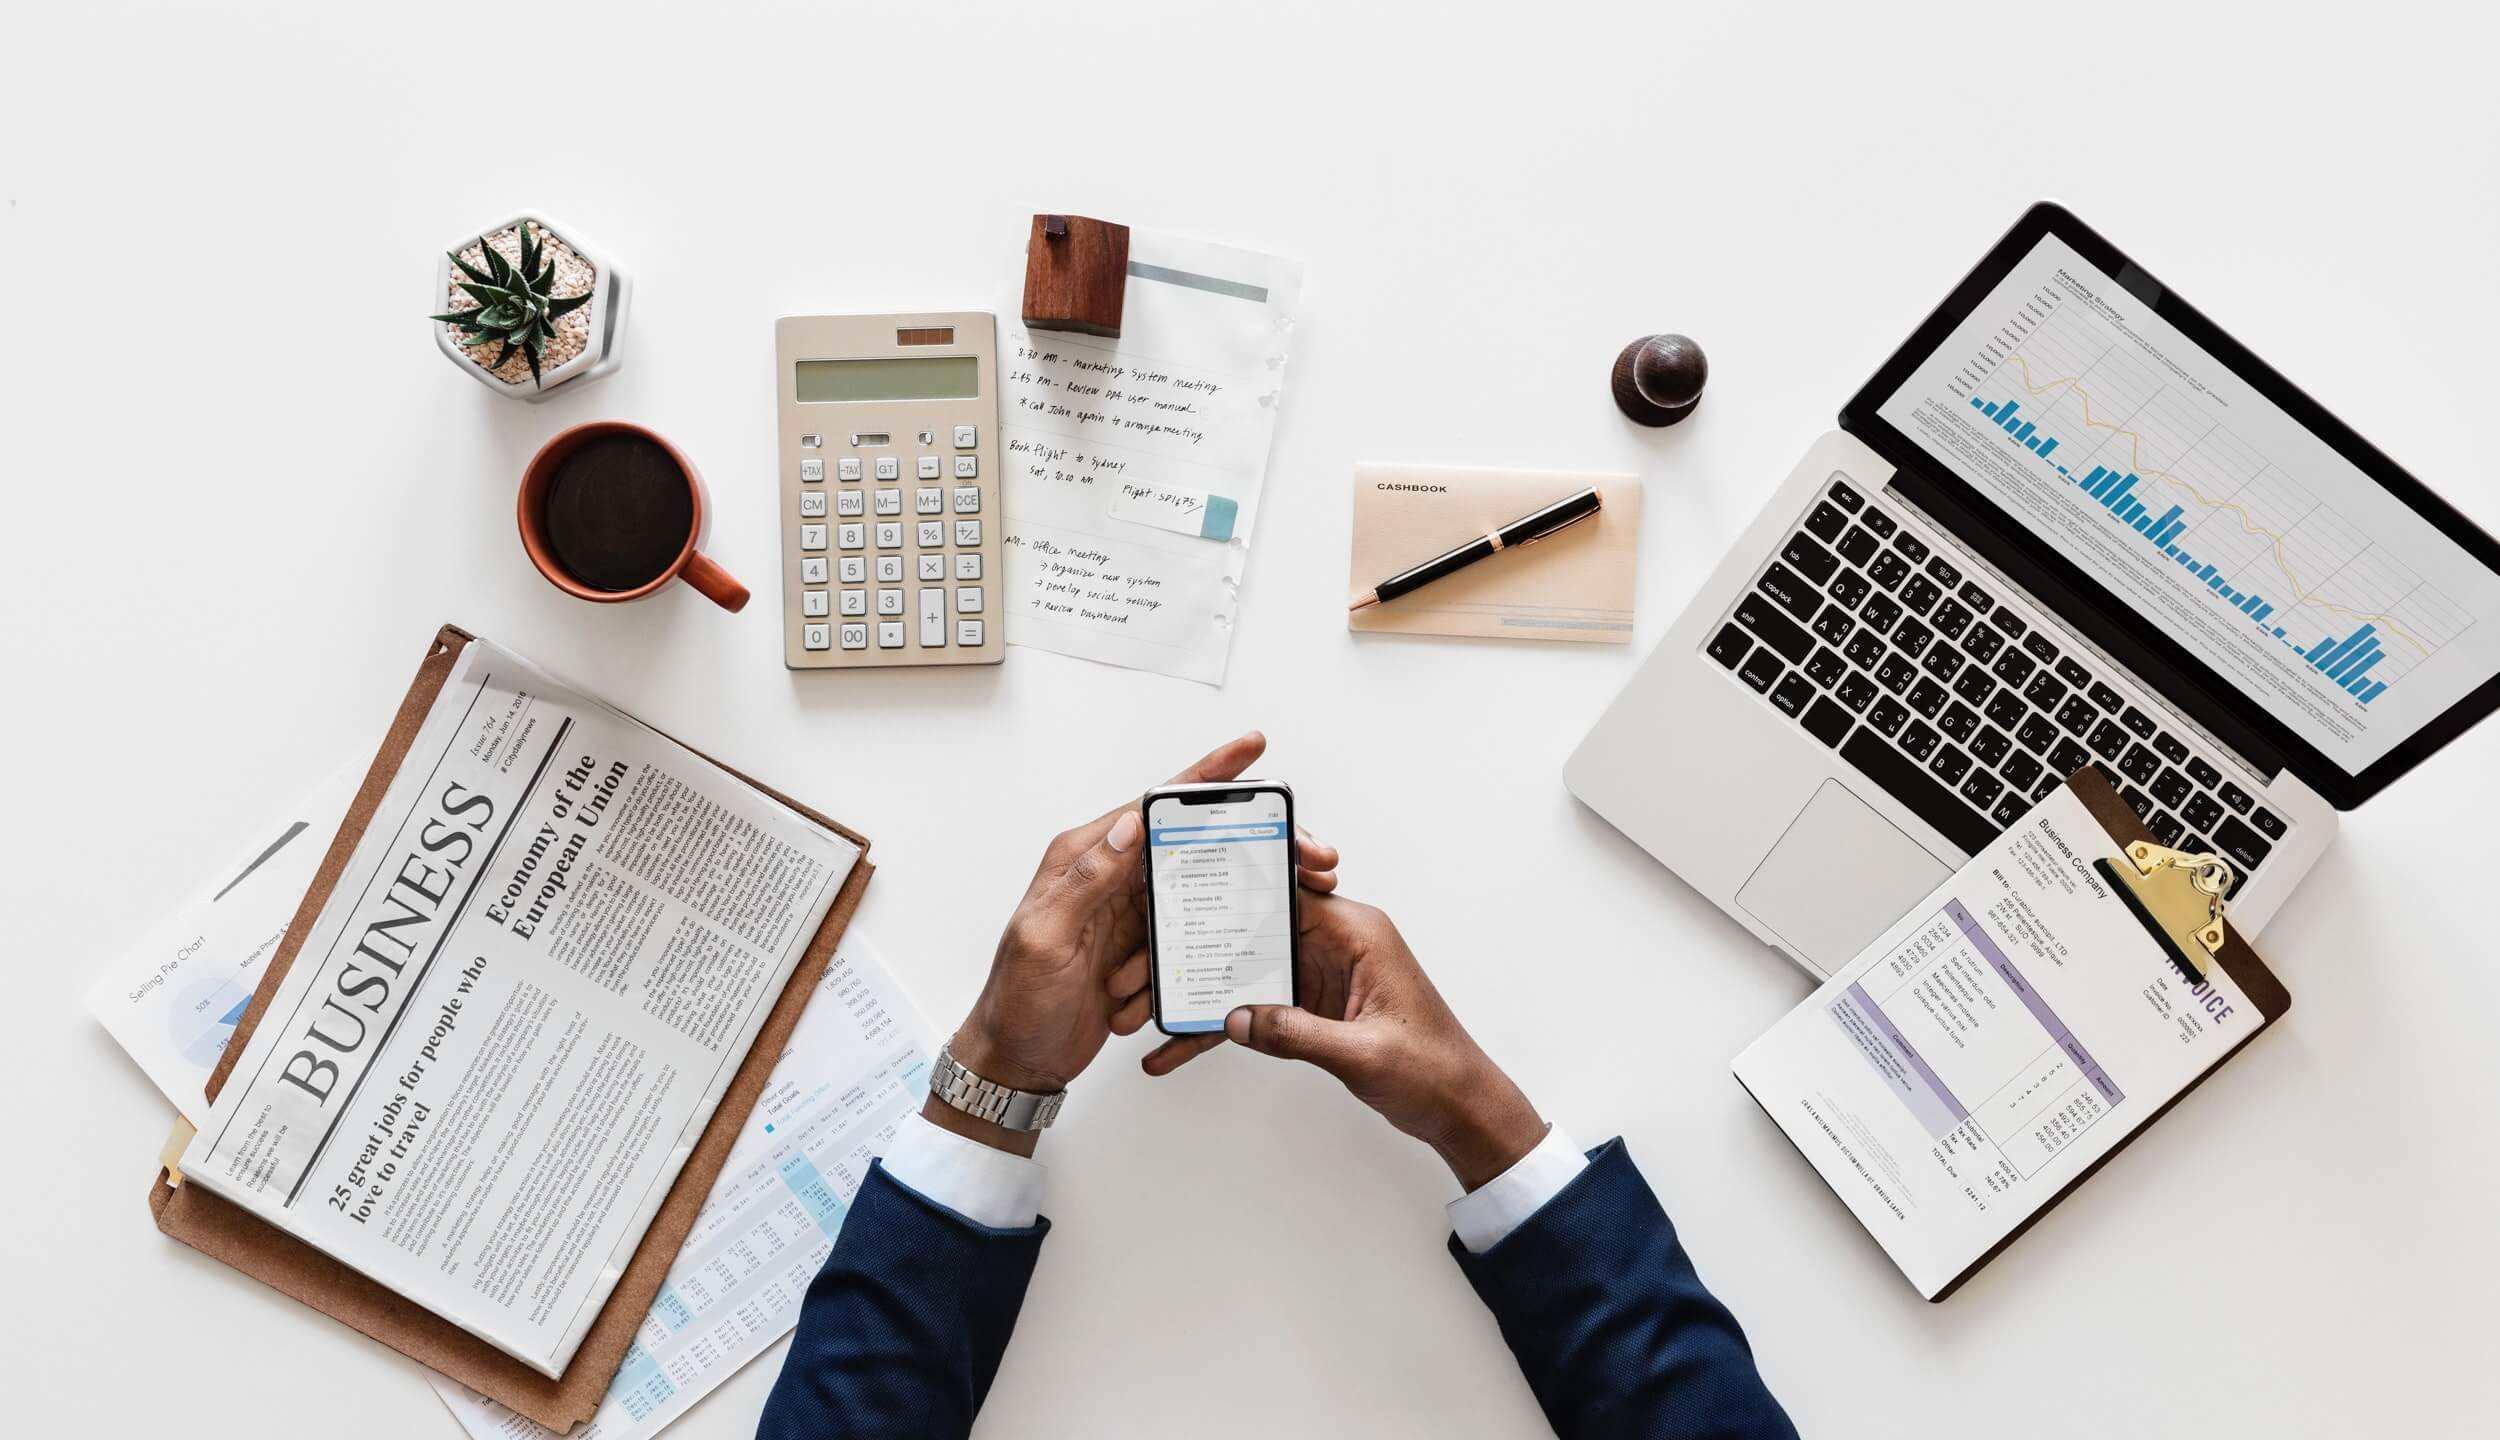 Inwestowanie i narzędzia finansowe- przydatne źródła dla początkujących